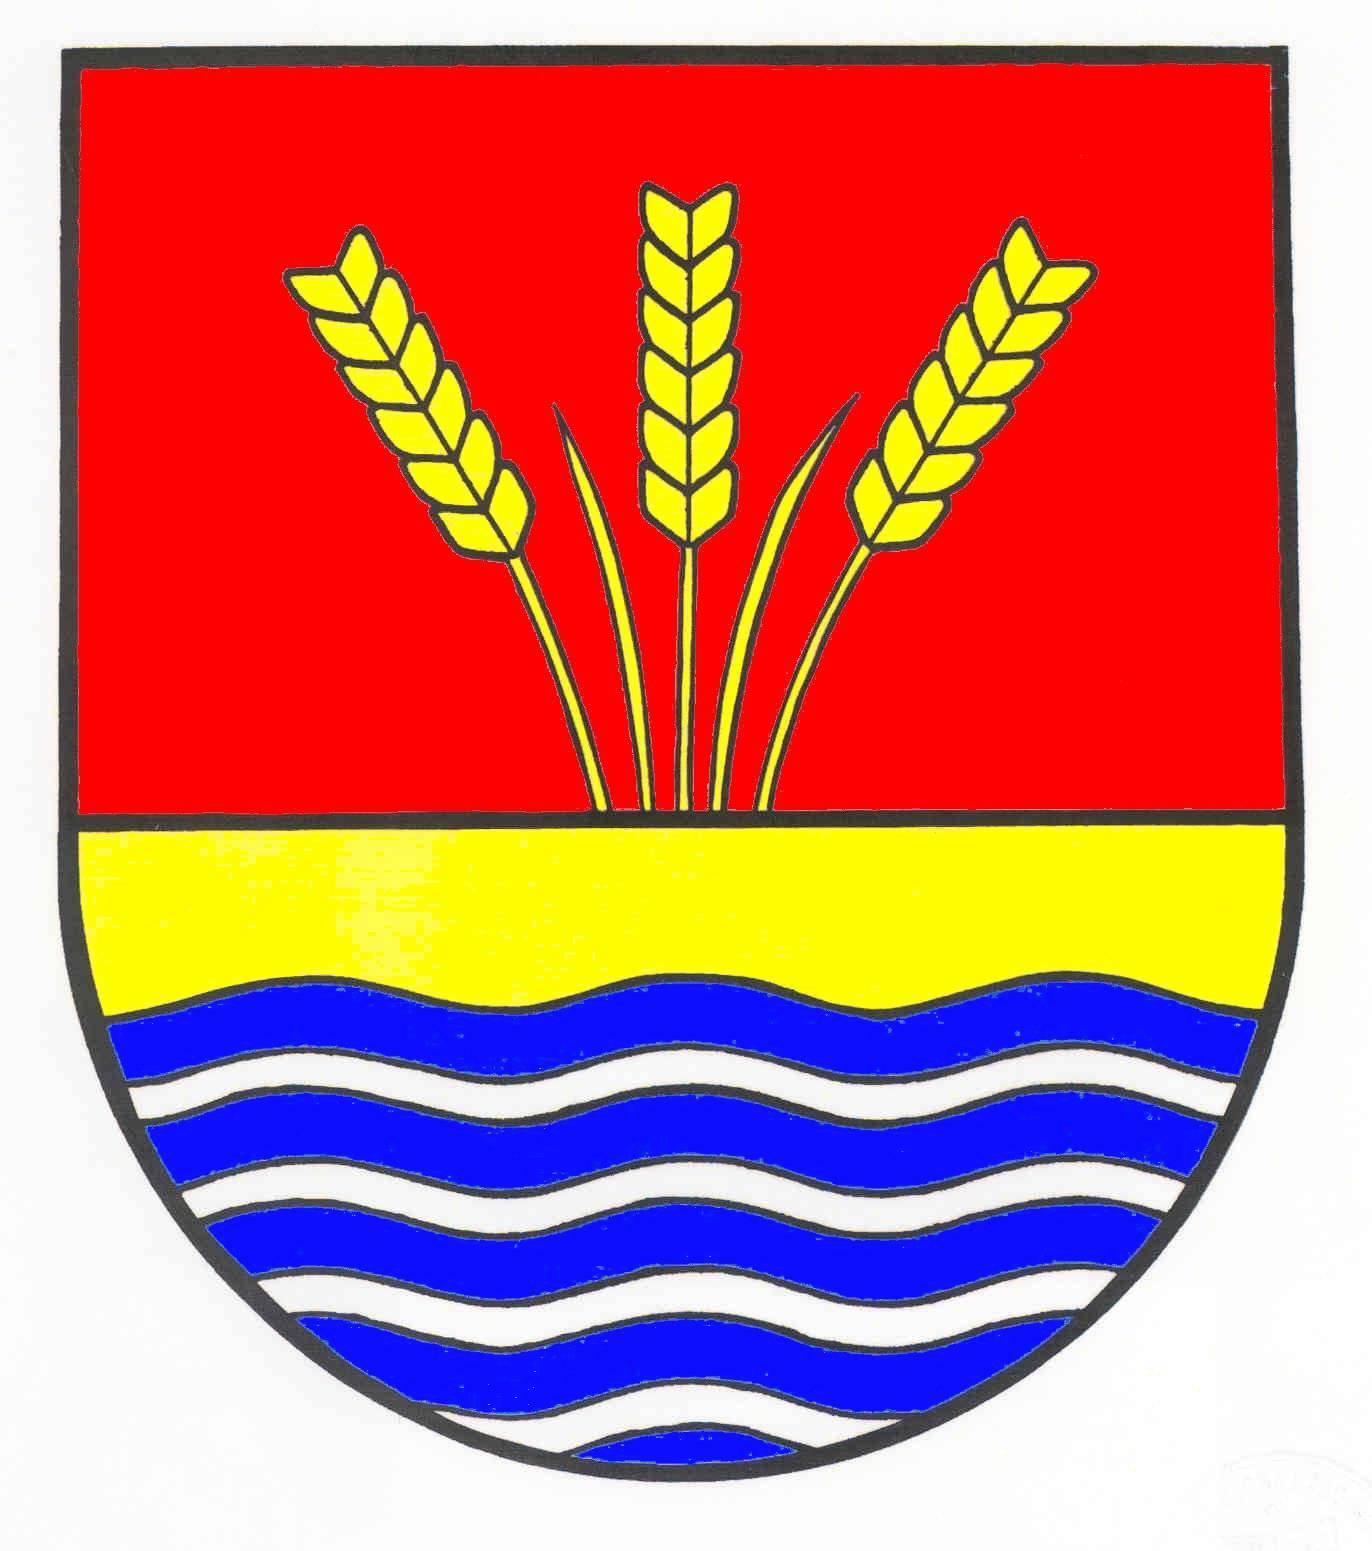 Wappen GemeindeBosbüll, Kreis Nordfriesland